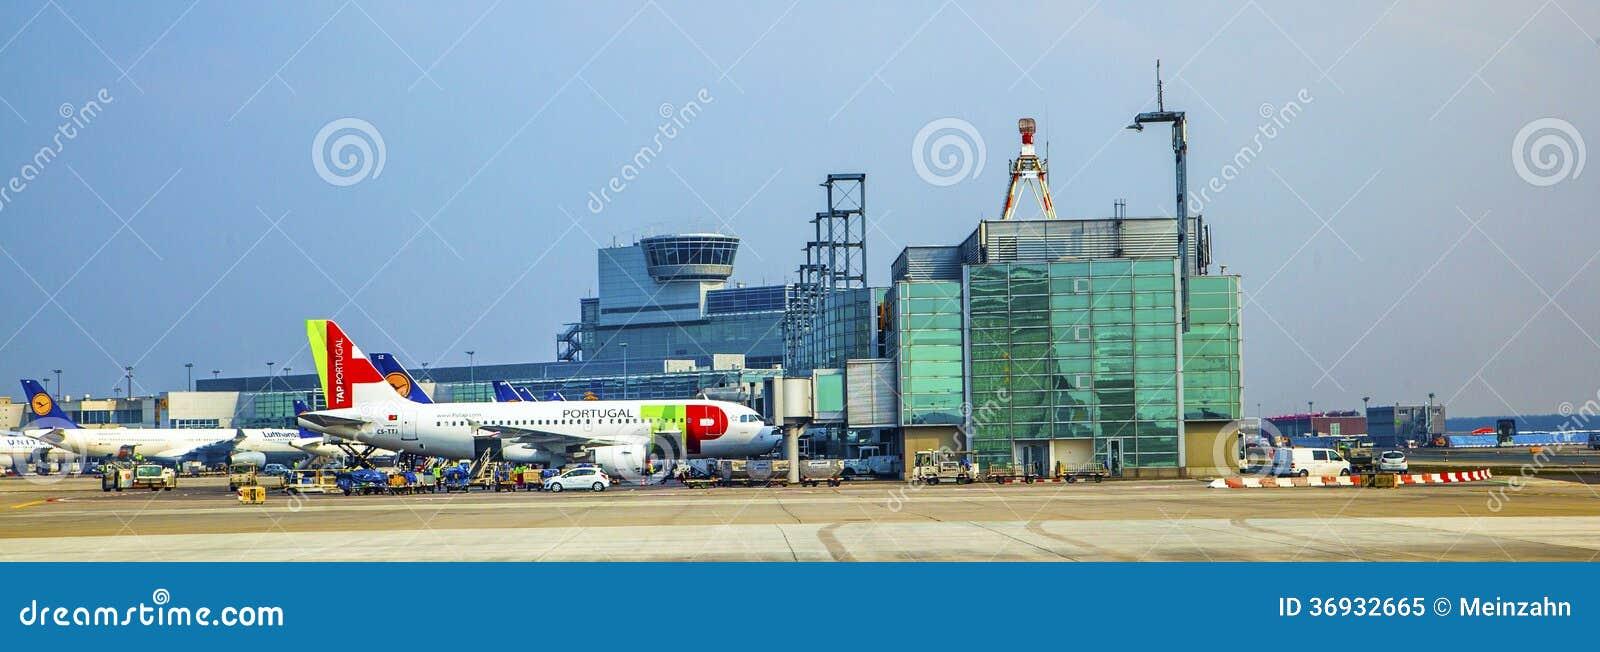 KNACKA LÄTT PÅ flyget som är klart att head till landningsbanan